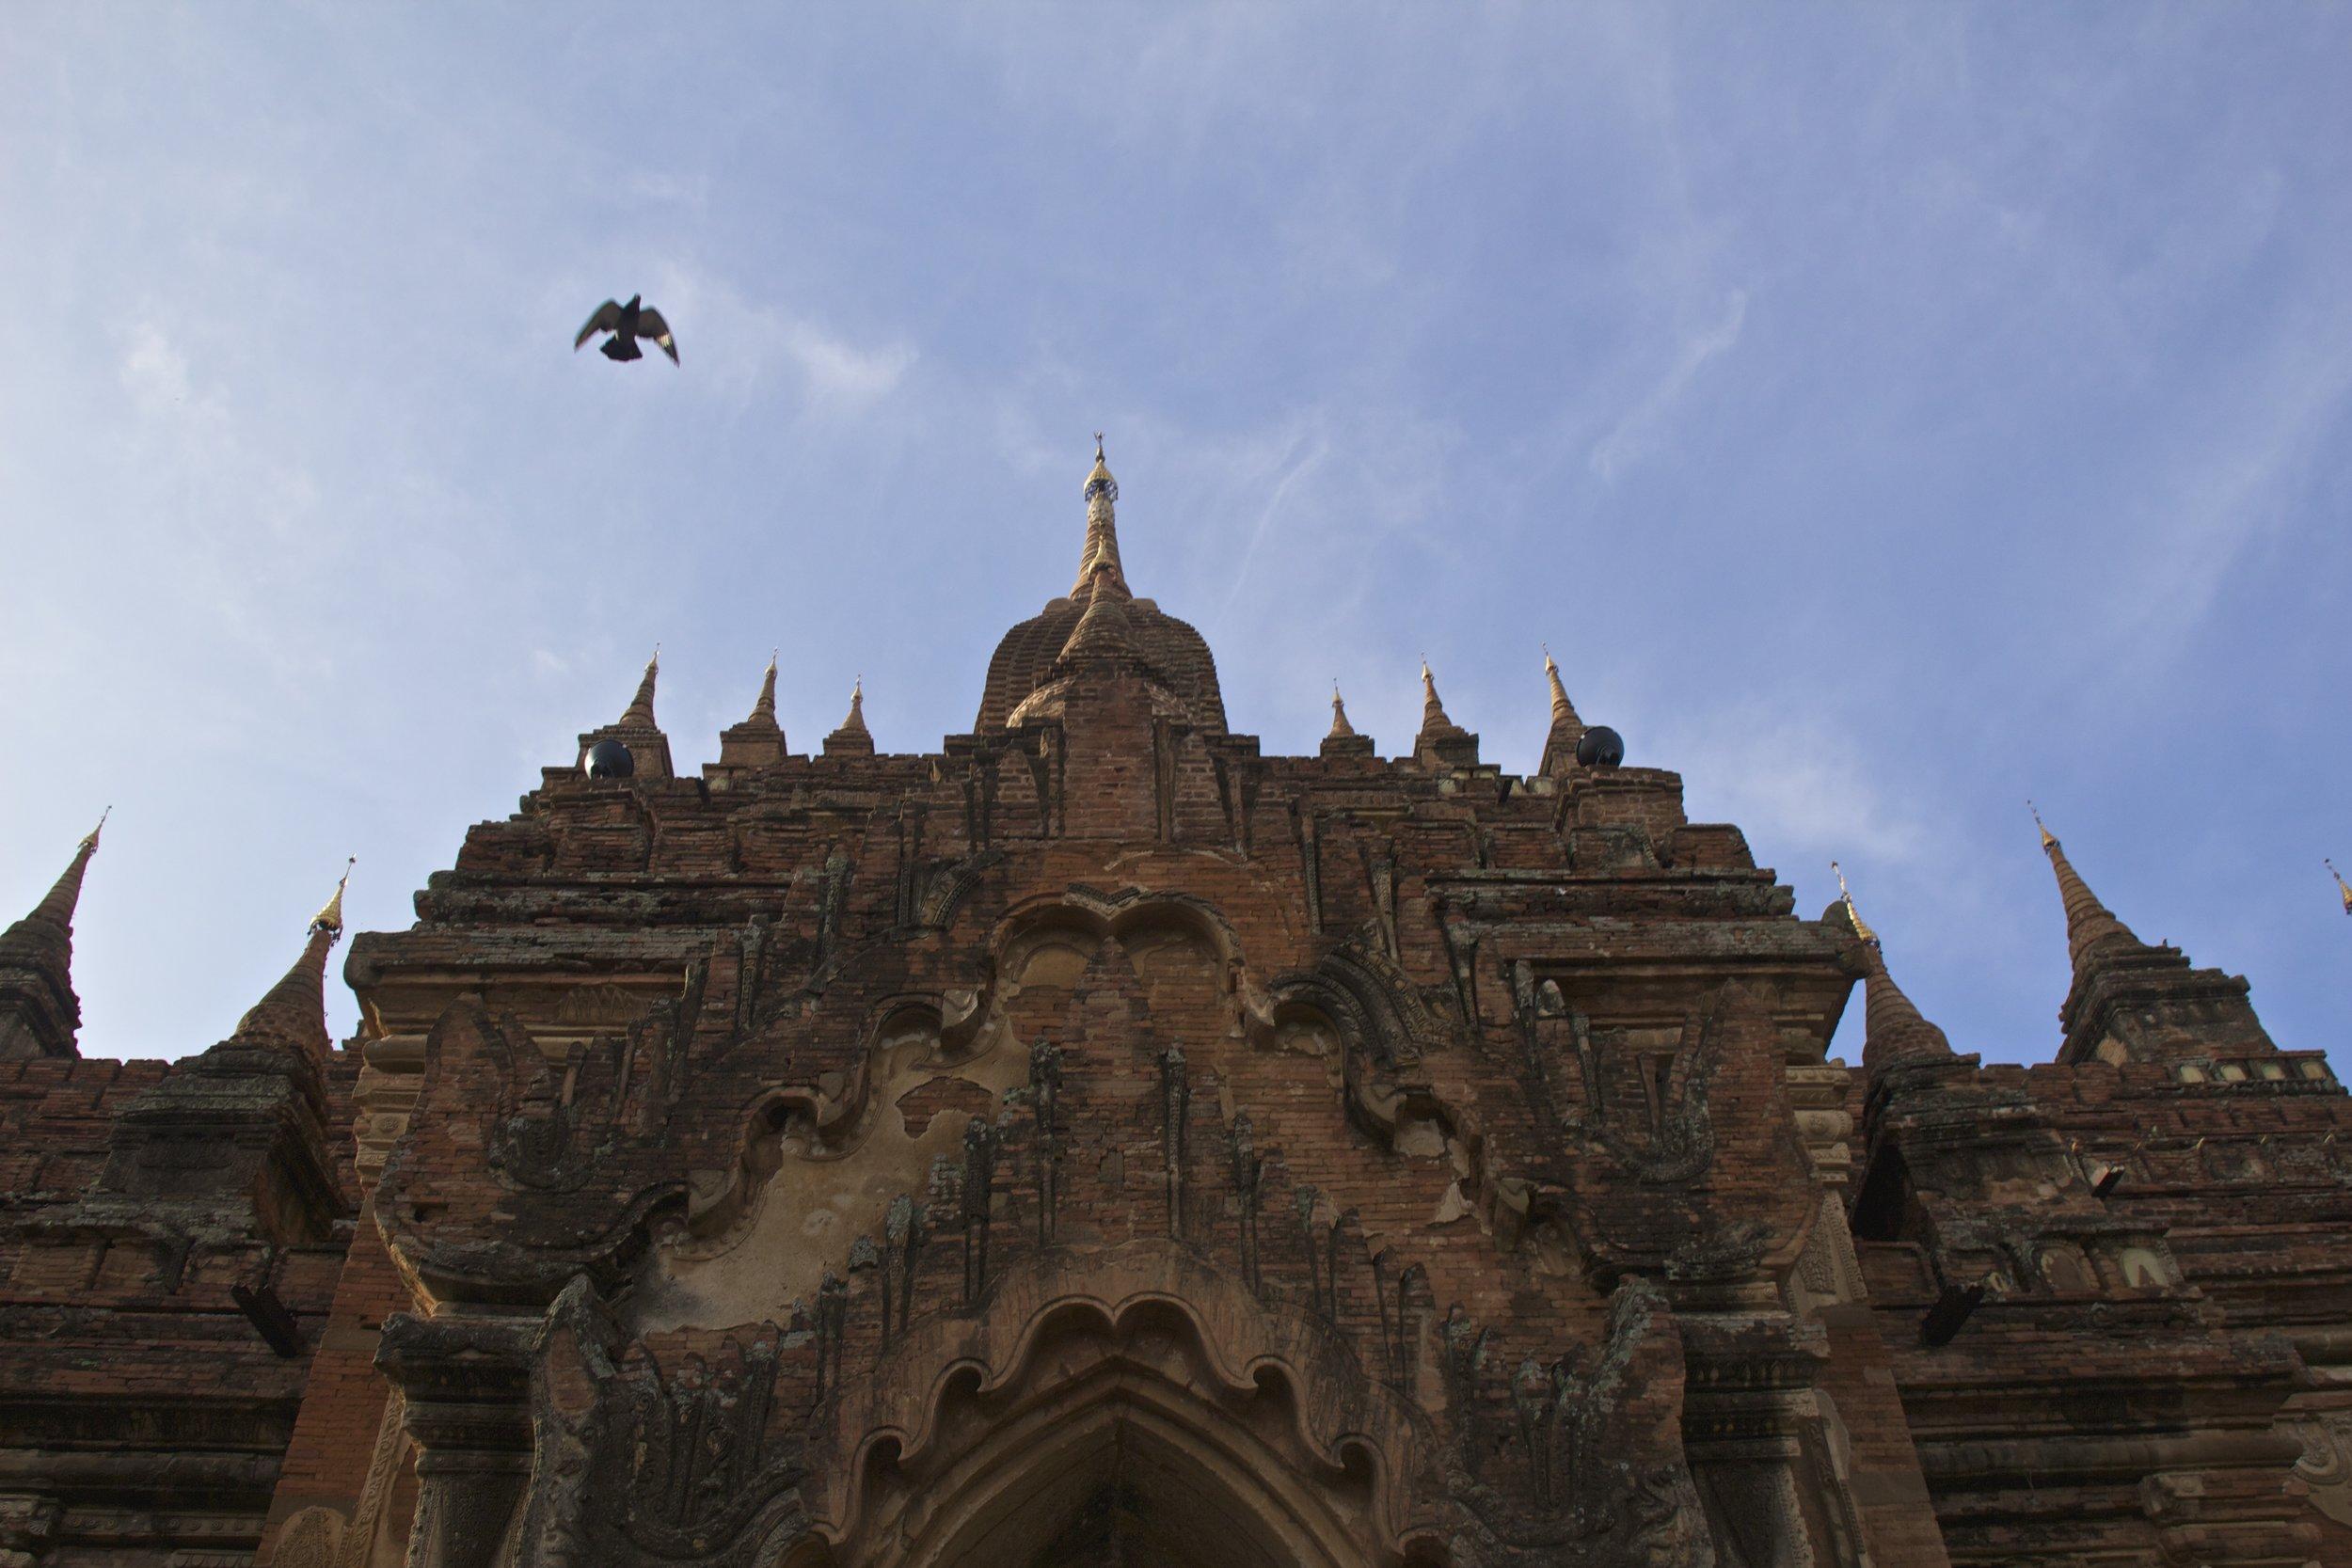 bagan burma myanmar buddhist temples 24.jpg